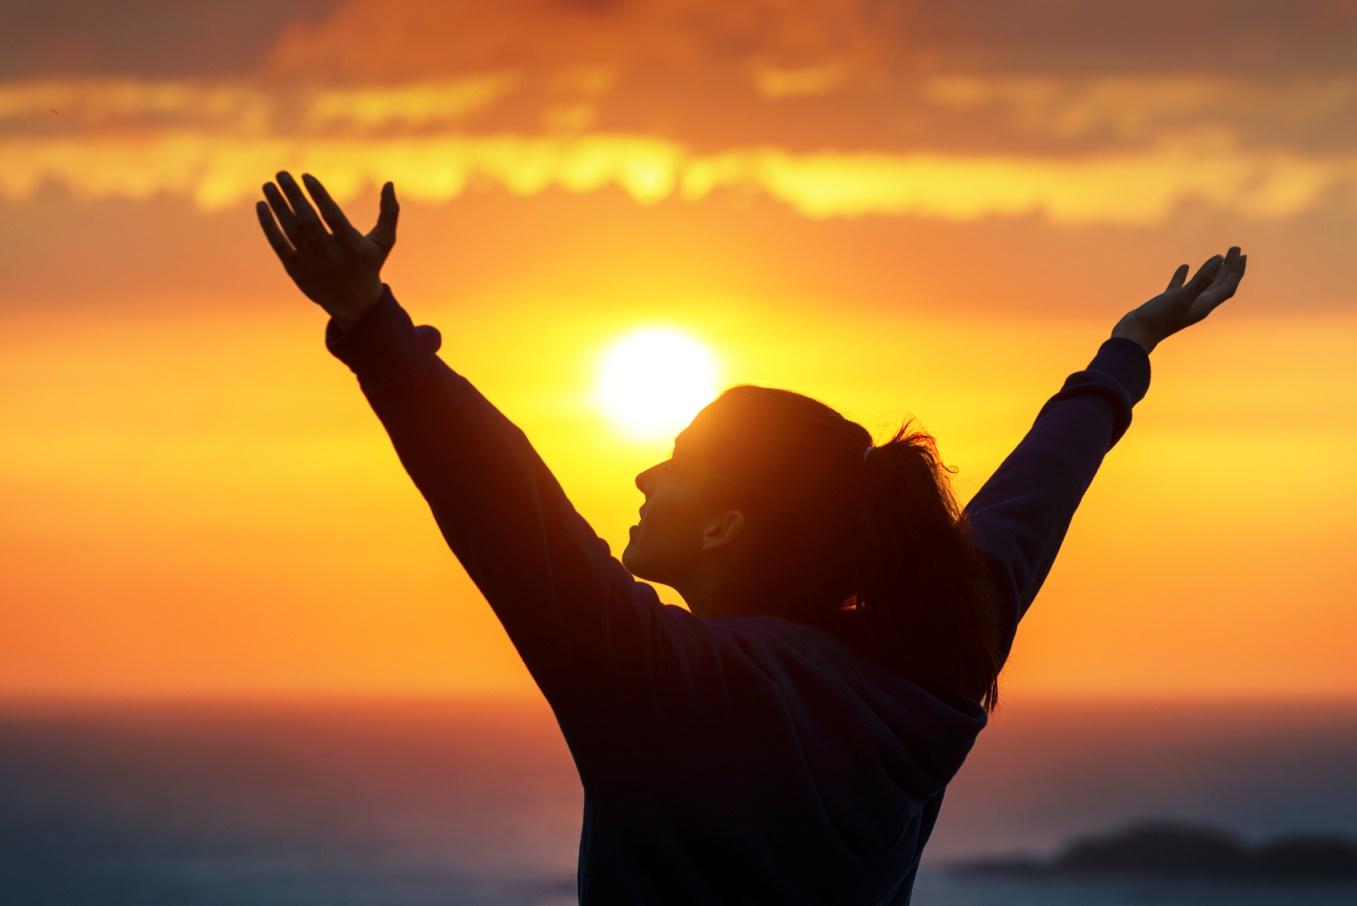 первых фотографиях фото человека держащего солнце секрет делать